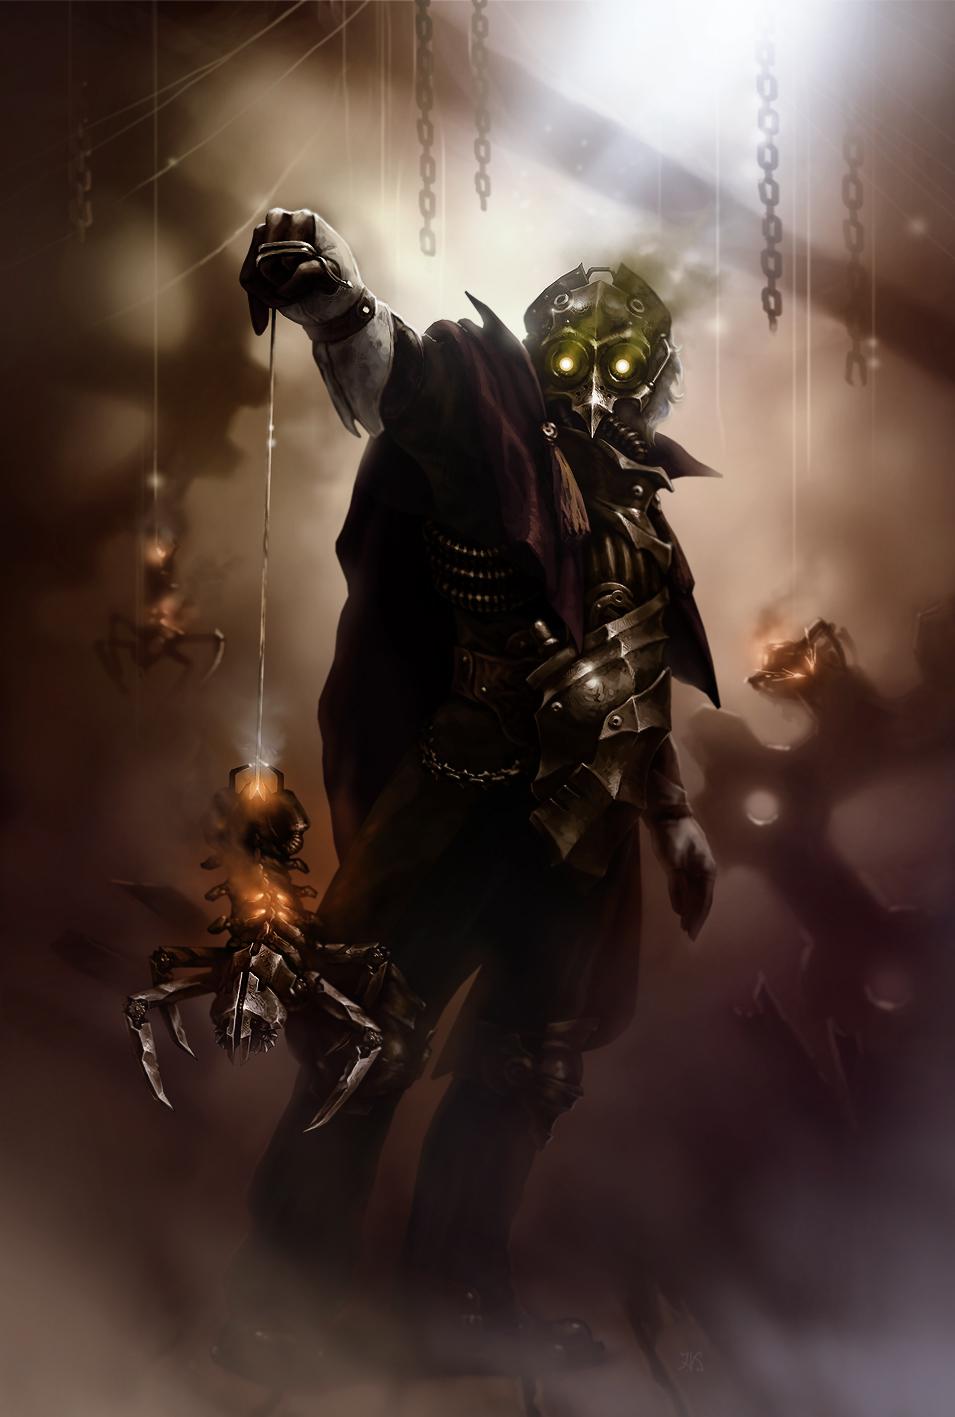 Master weaver by DarkBydloArt